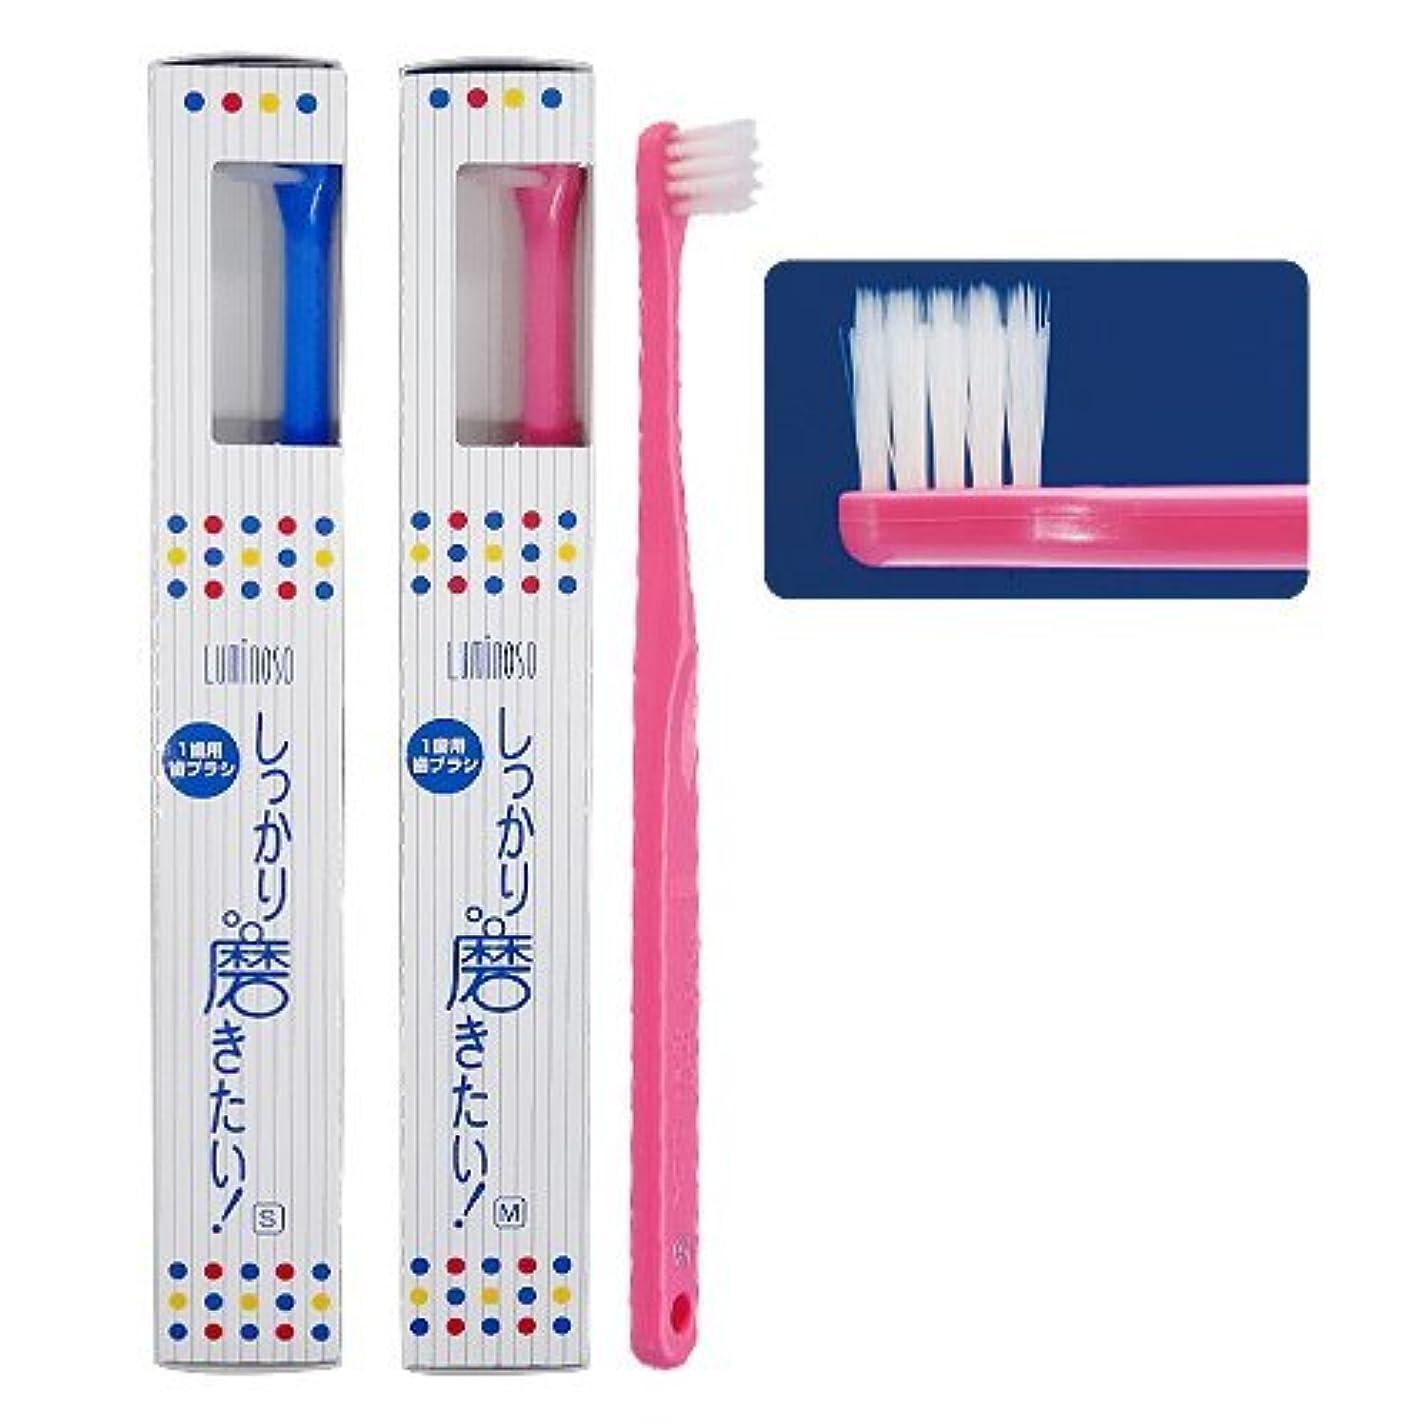 ラテンタオル辛なルミノソ 1歯用歯ブラシ「しっかり磨きたい!」スタンダード ソフト (カラー指定不可) 10本